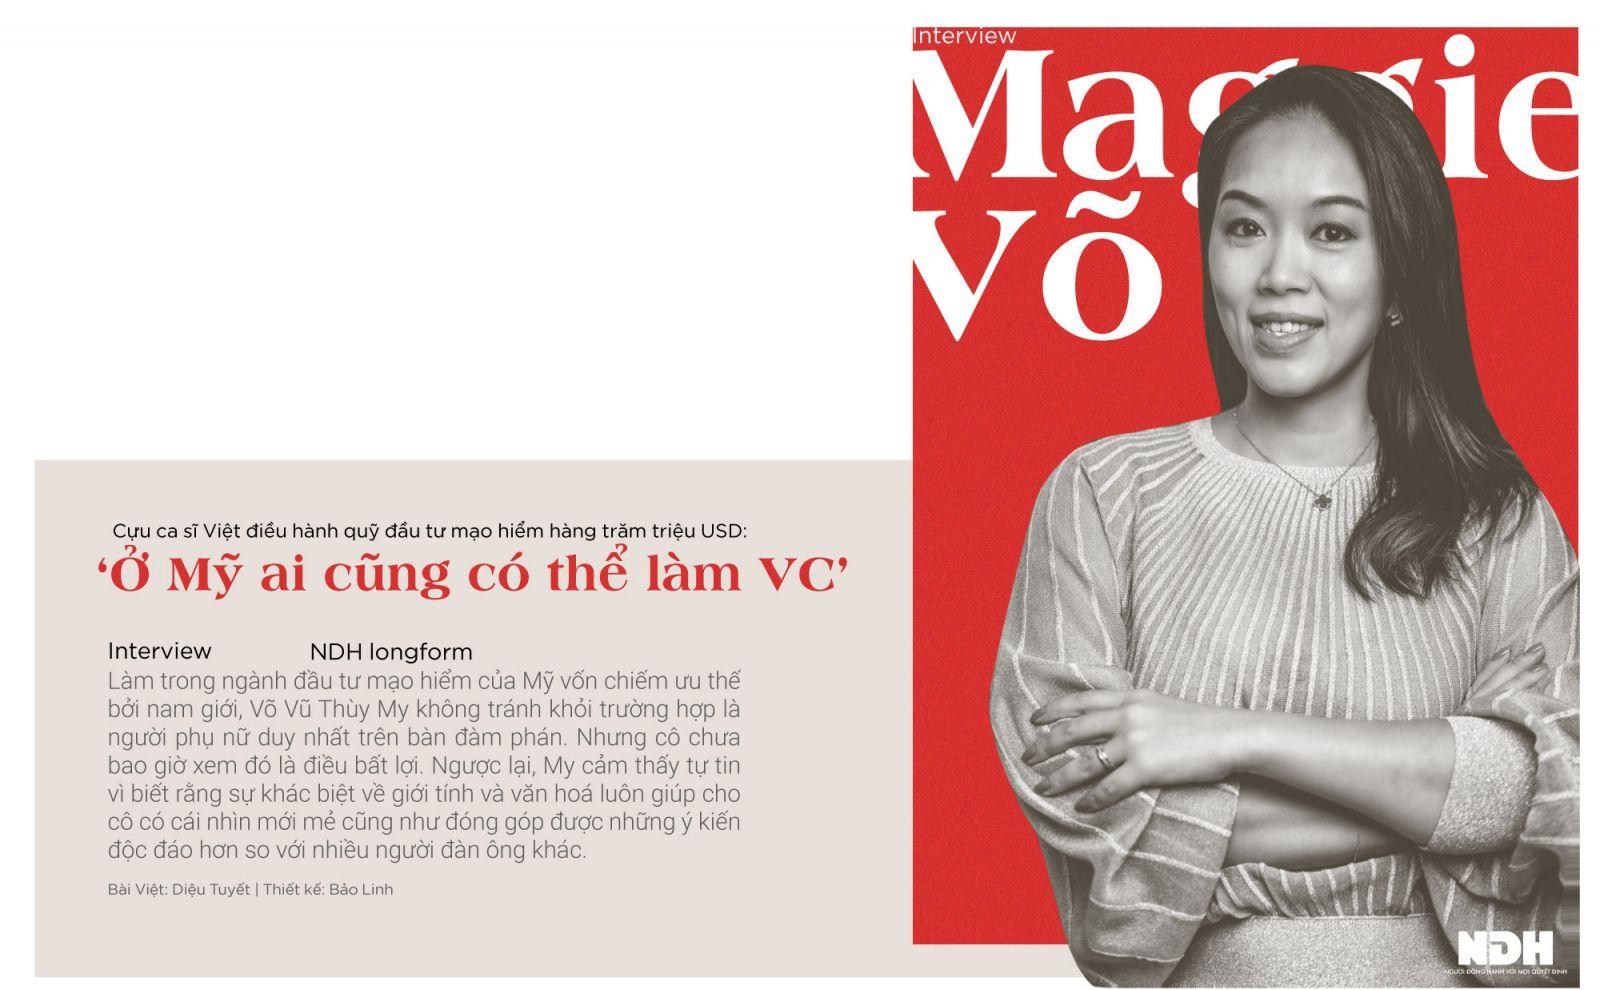 """Cựu ca sĩ Việt điều hành quỹ đầu tư mạo hiểm hàng trăm triệu USD: """"Ở Mỹ ai cũng có thể làm VC"""""""